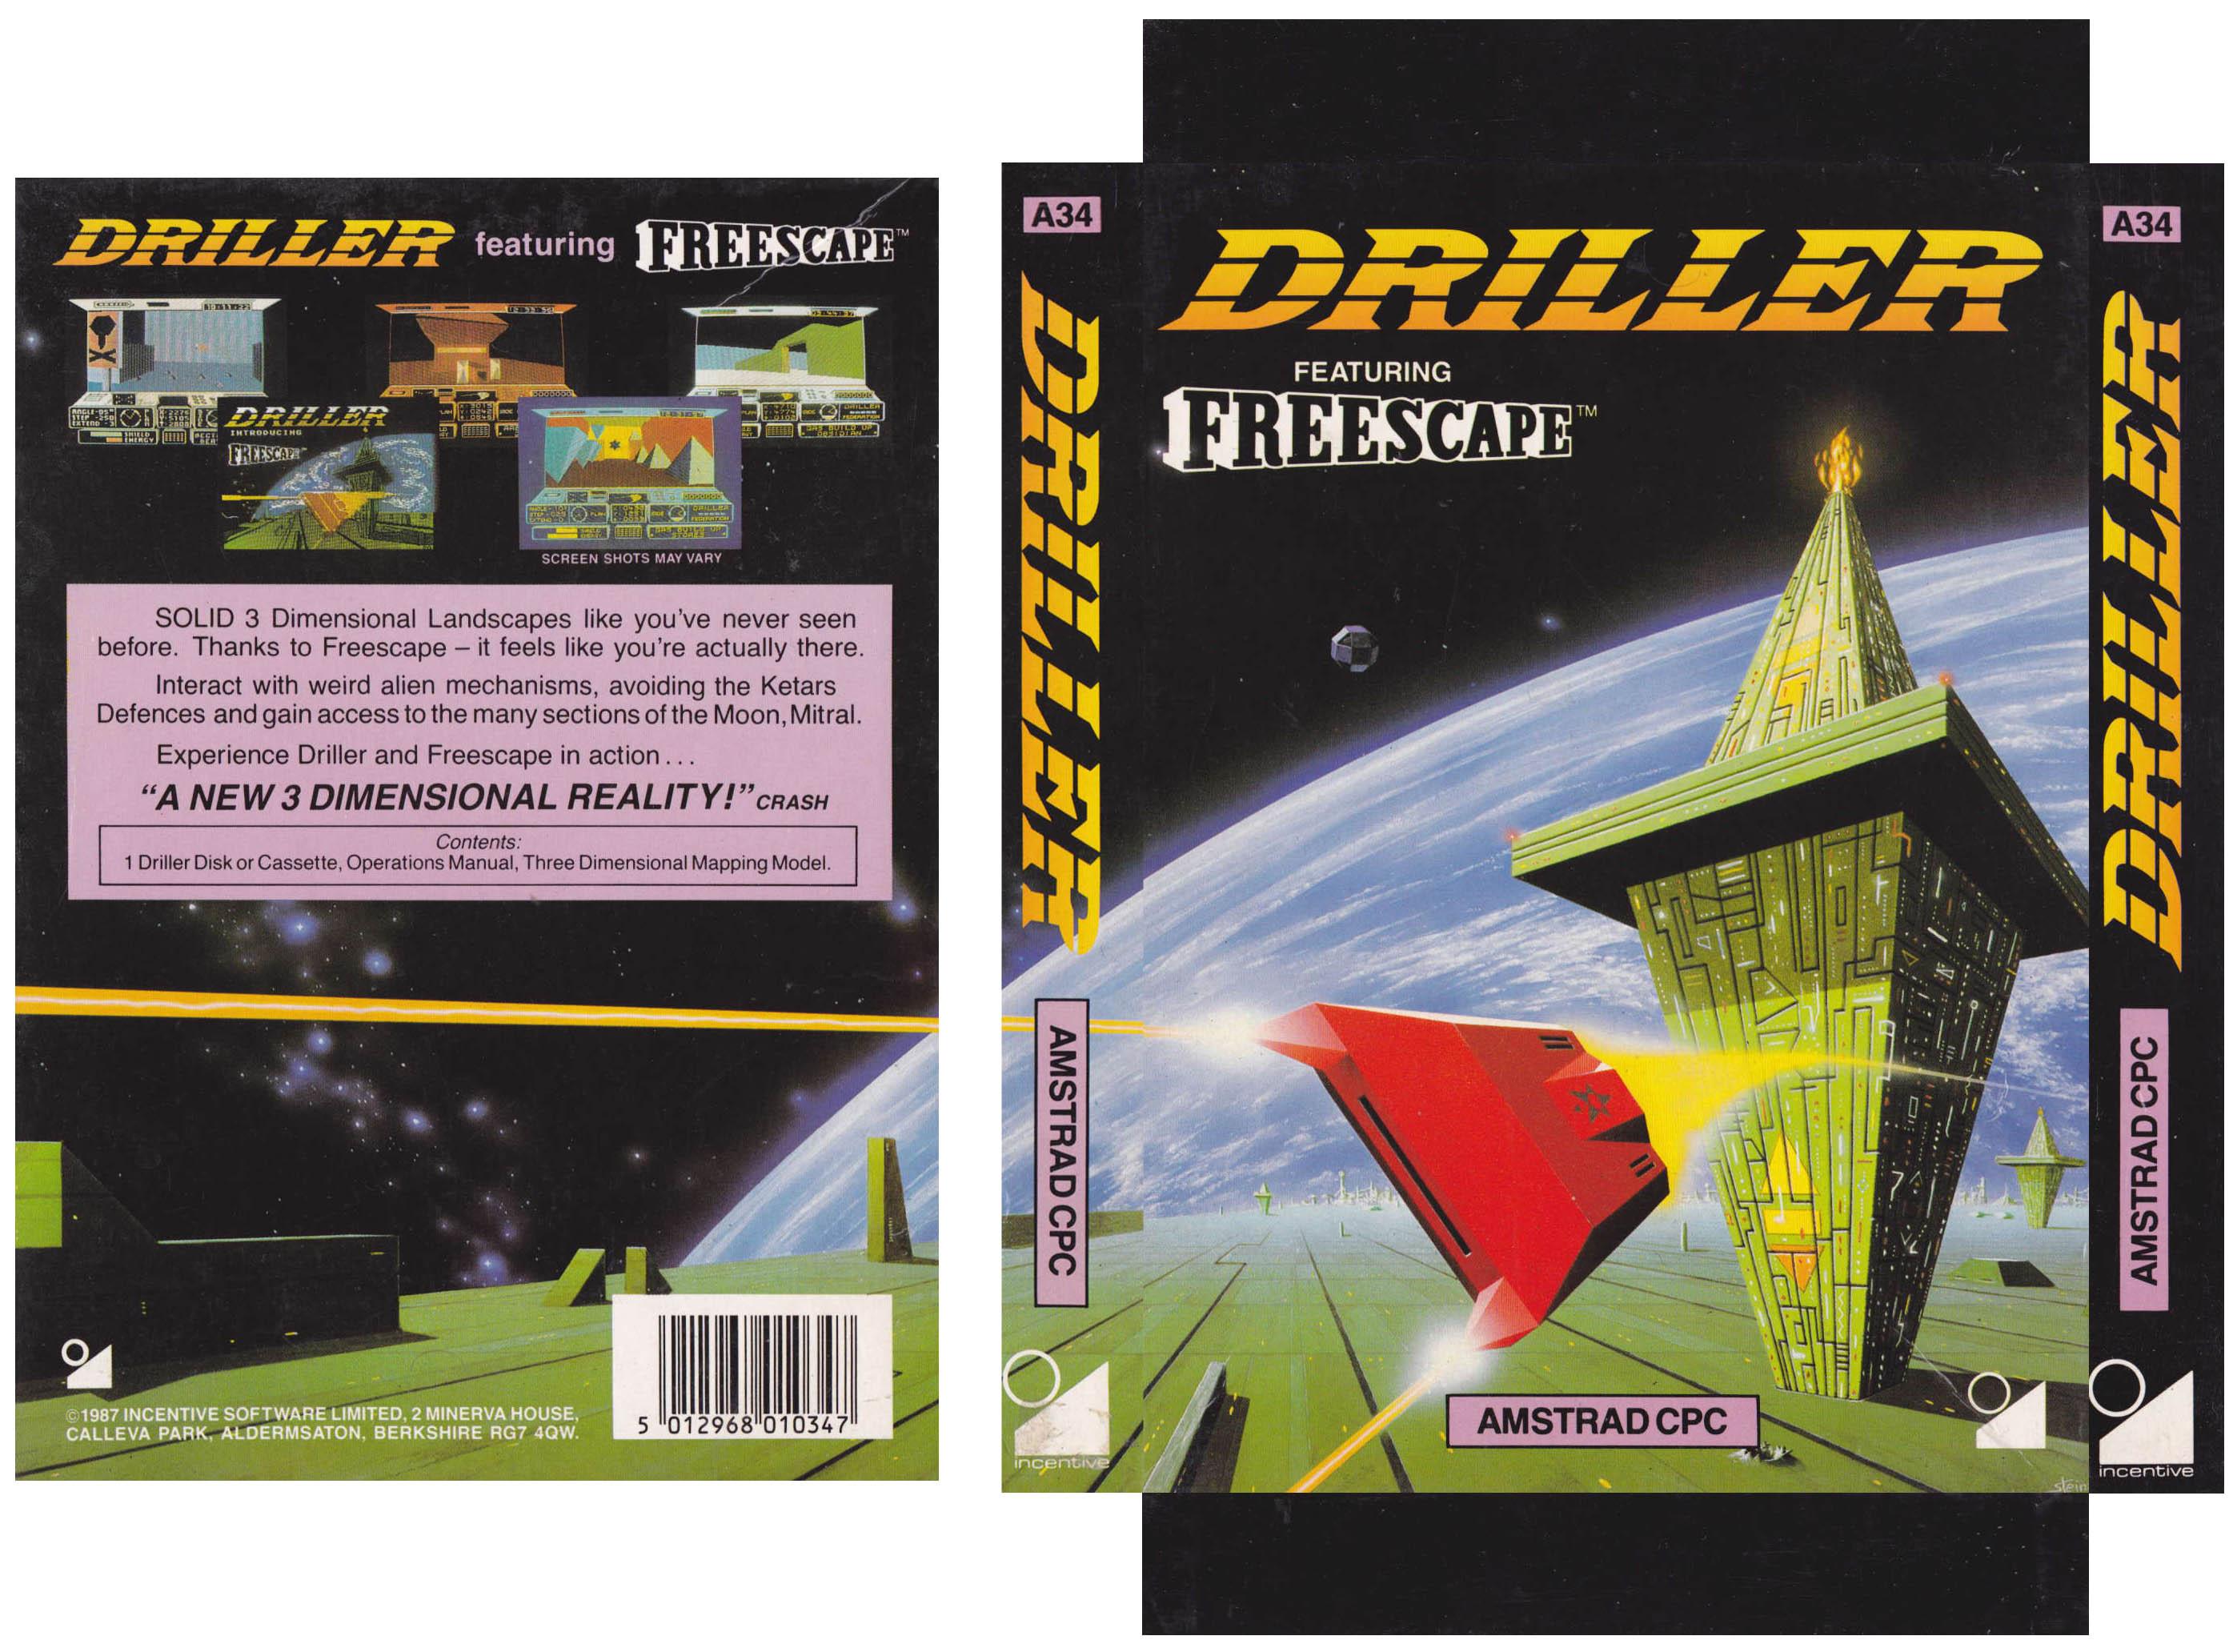 http://www.dizionariovideogiochi.it/lib/exe/fetch.php?cache=&media=luglio11:driller_-_box_cassette_-_02.jpg